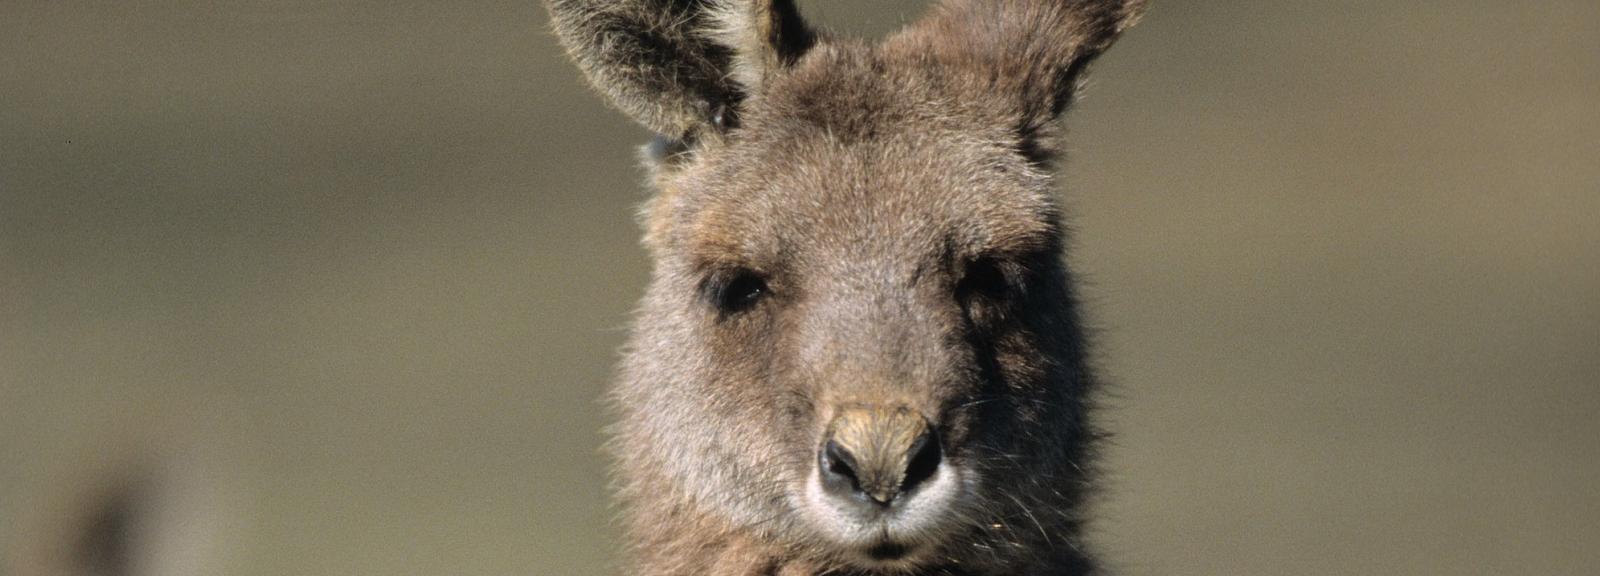 Kangourou géant © MNHN